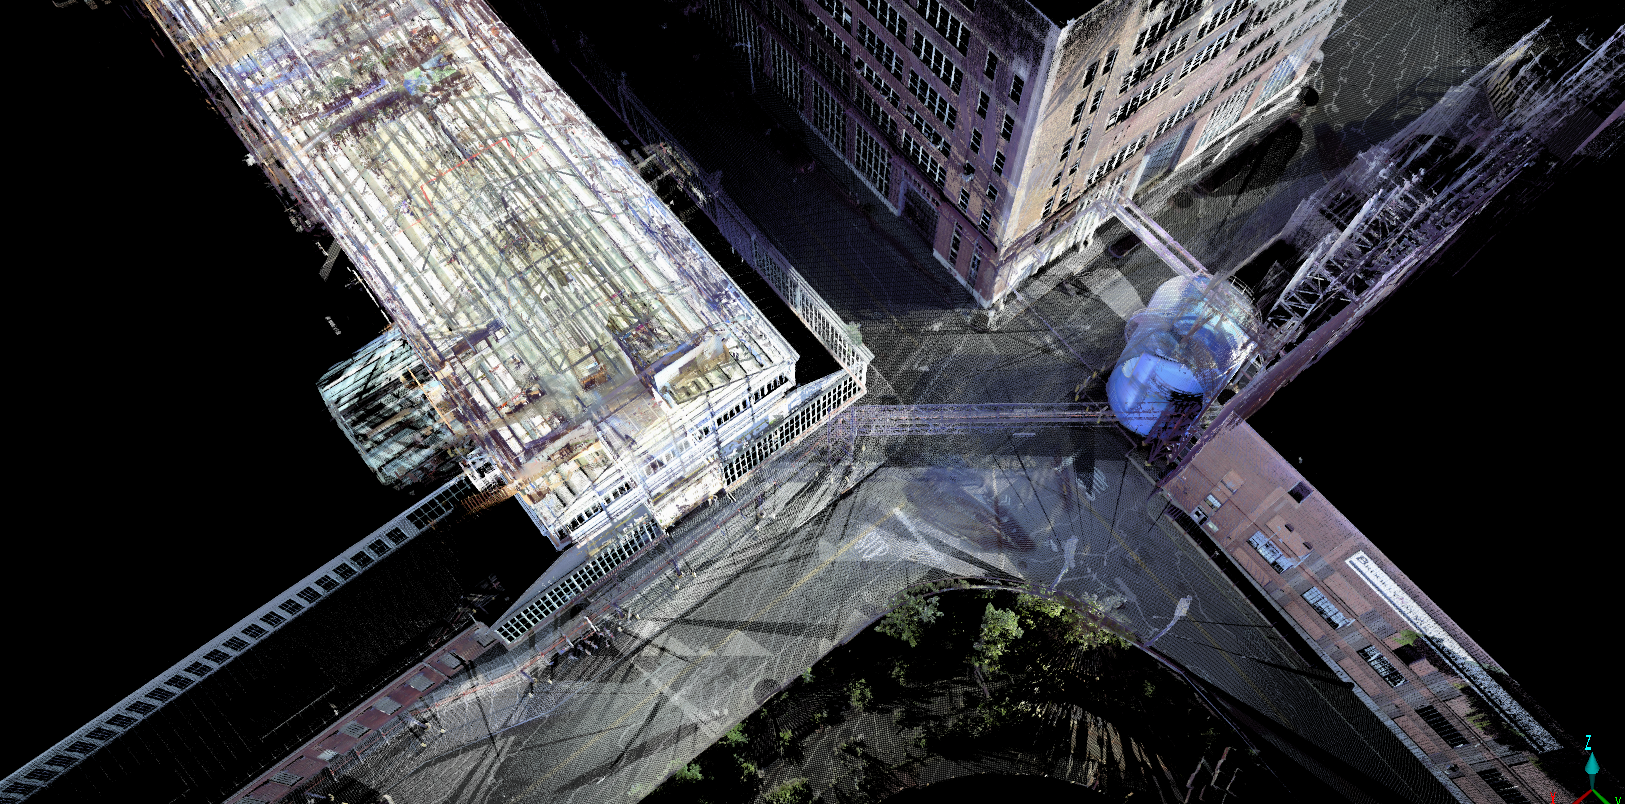 iaac-global-summer-school-digital-sensing-13-3D-laser-scanning-point-cloud-new-york.PNG